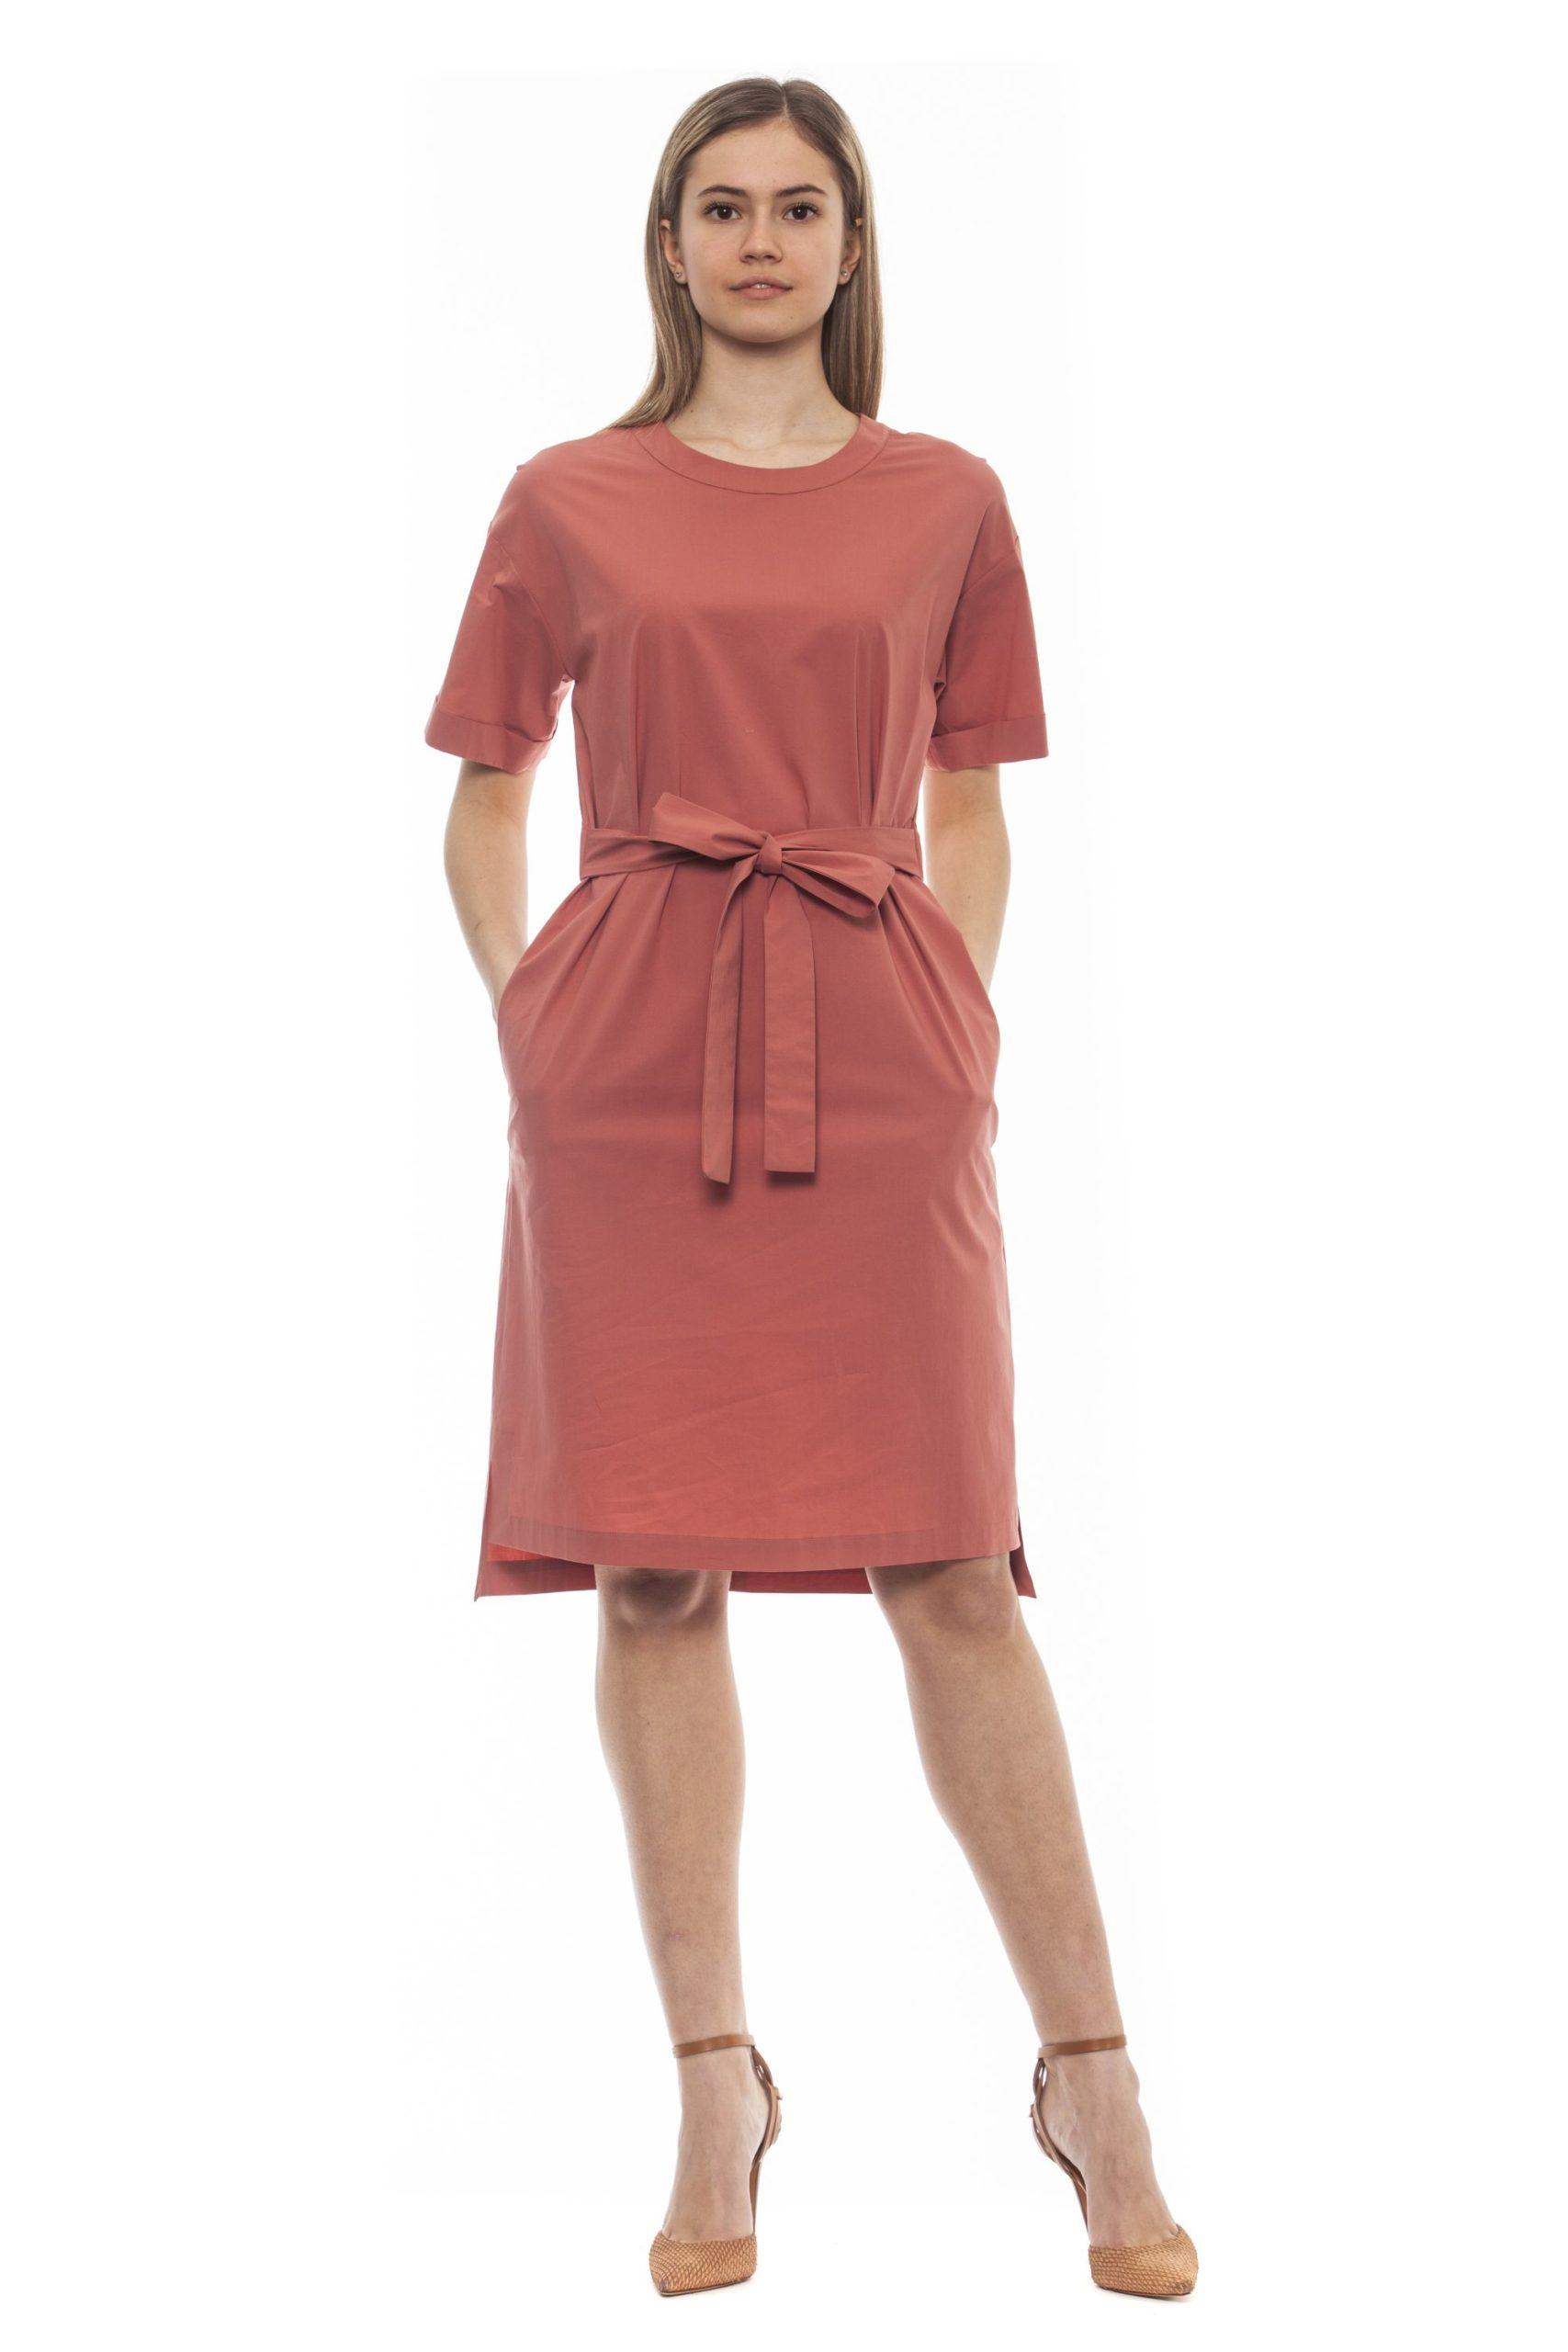 Peserico Women's Marrone Dress Brown PE1381632 - IT42 | S